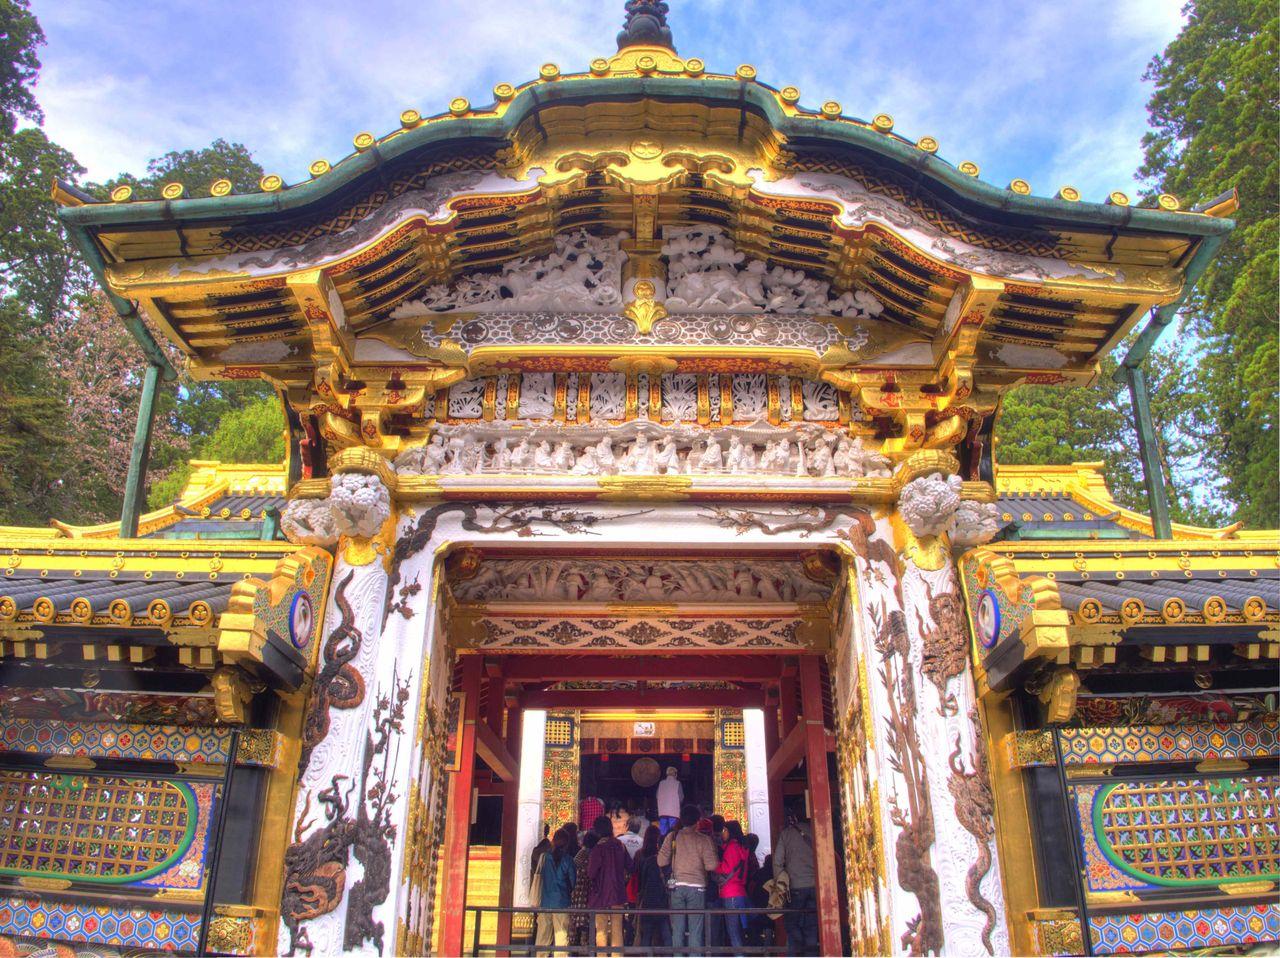 http://livedoor.blogimg.jp/ihitihit/imgs/c/0/c0208699.jpg